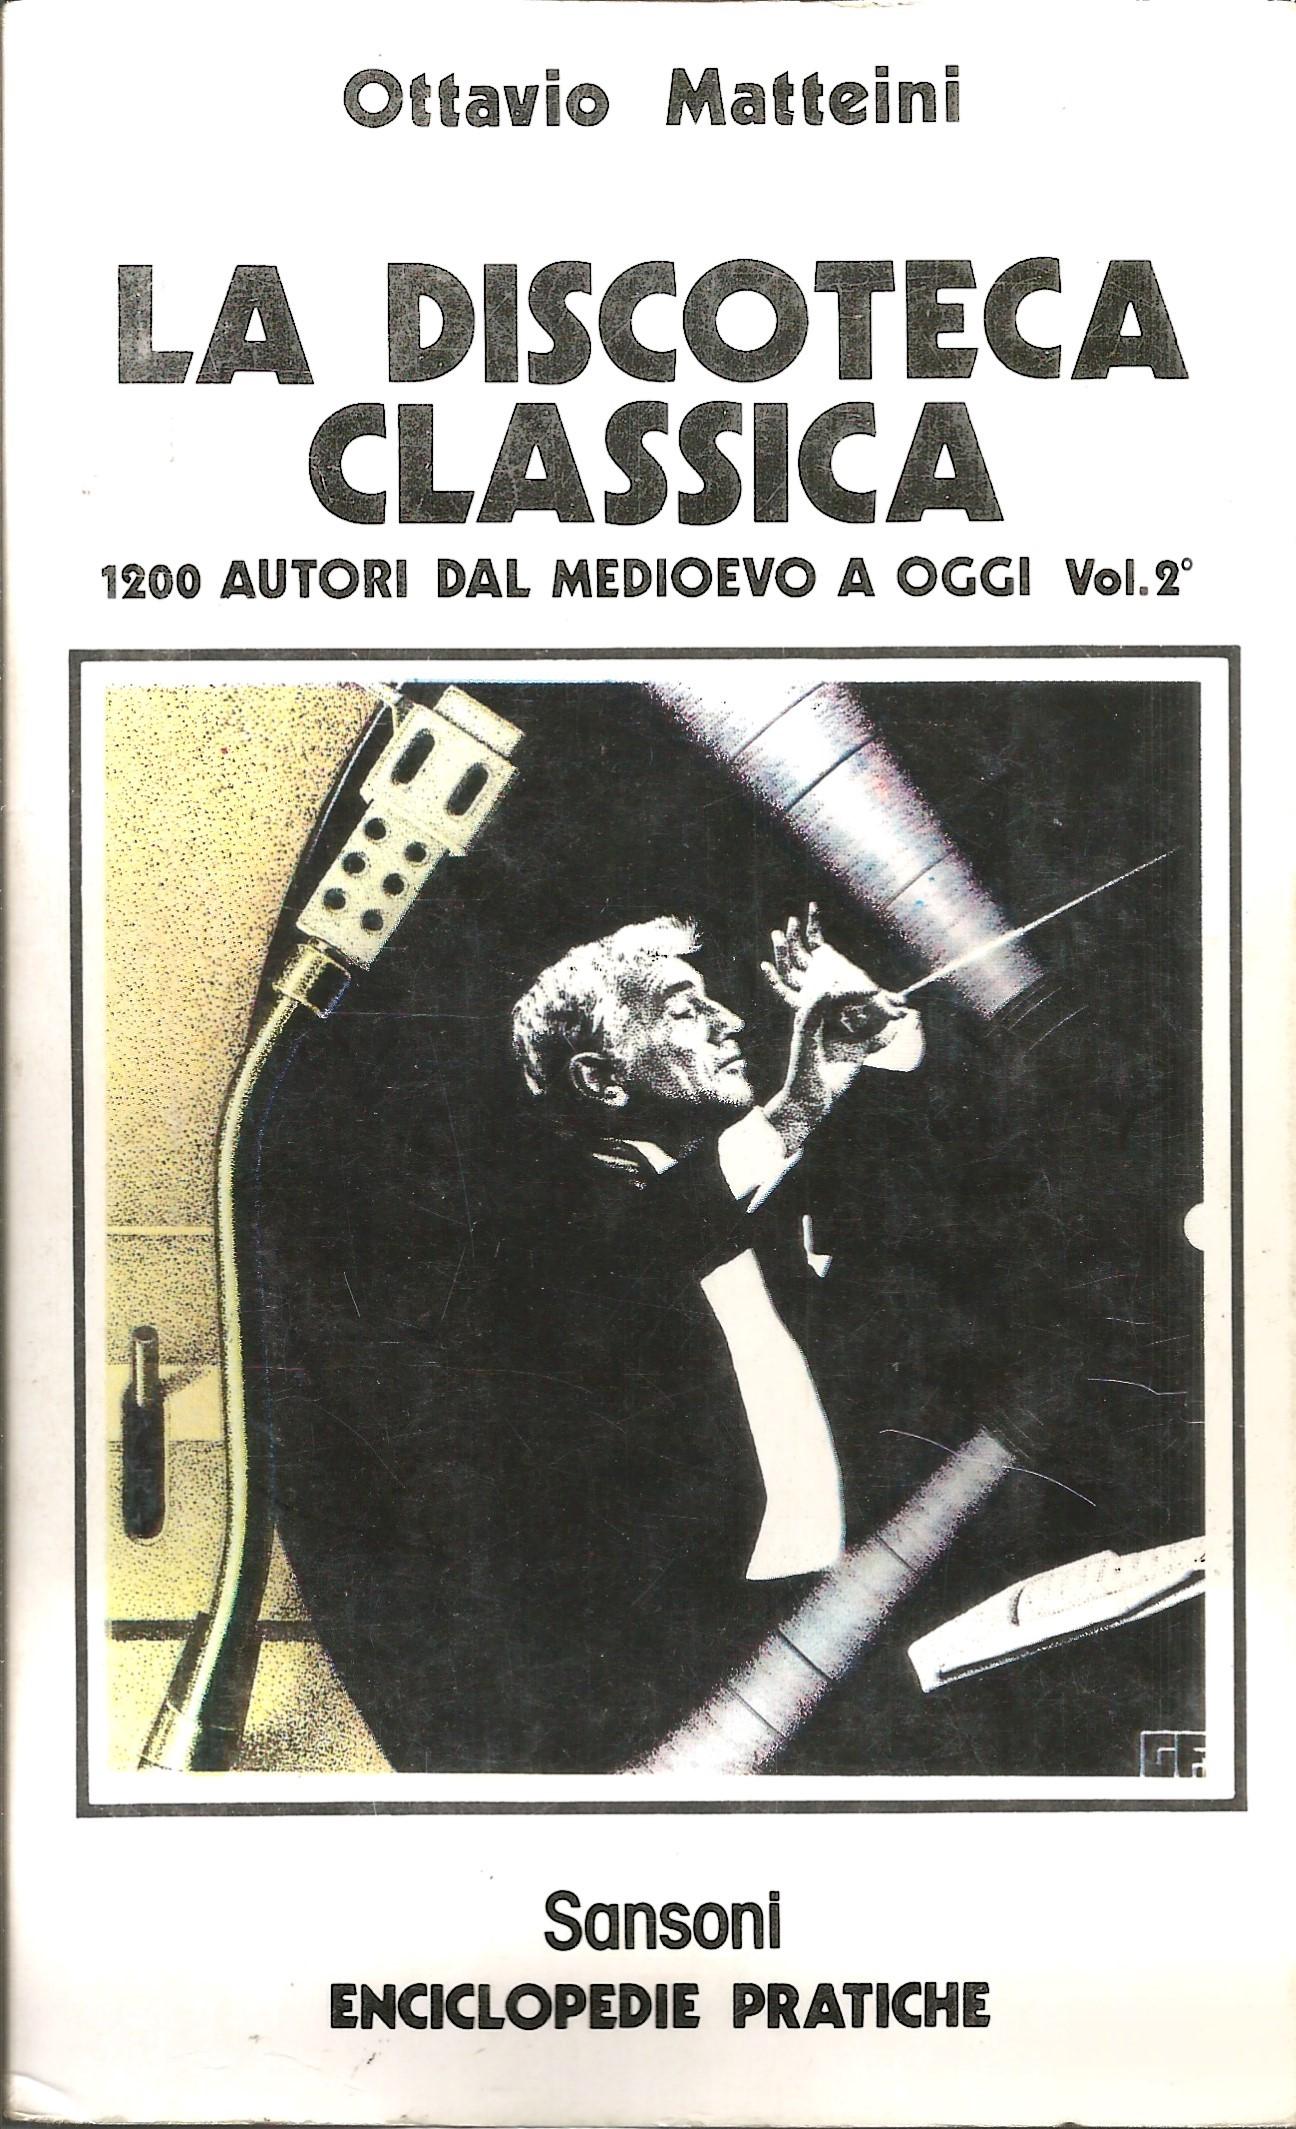 La discoteca classica - vol. 2°